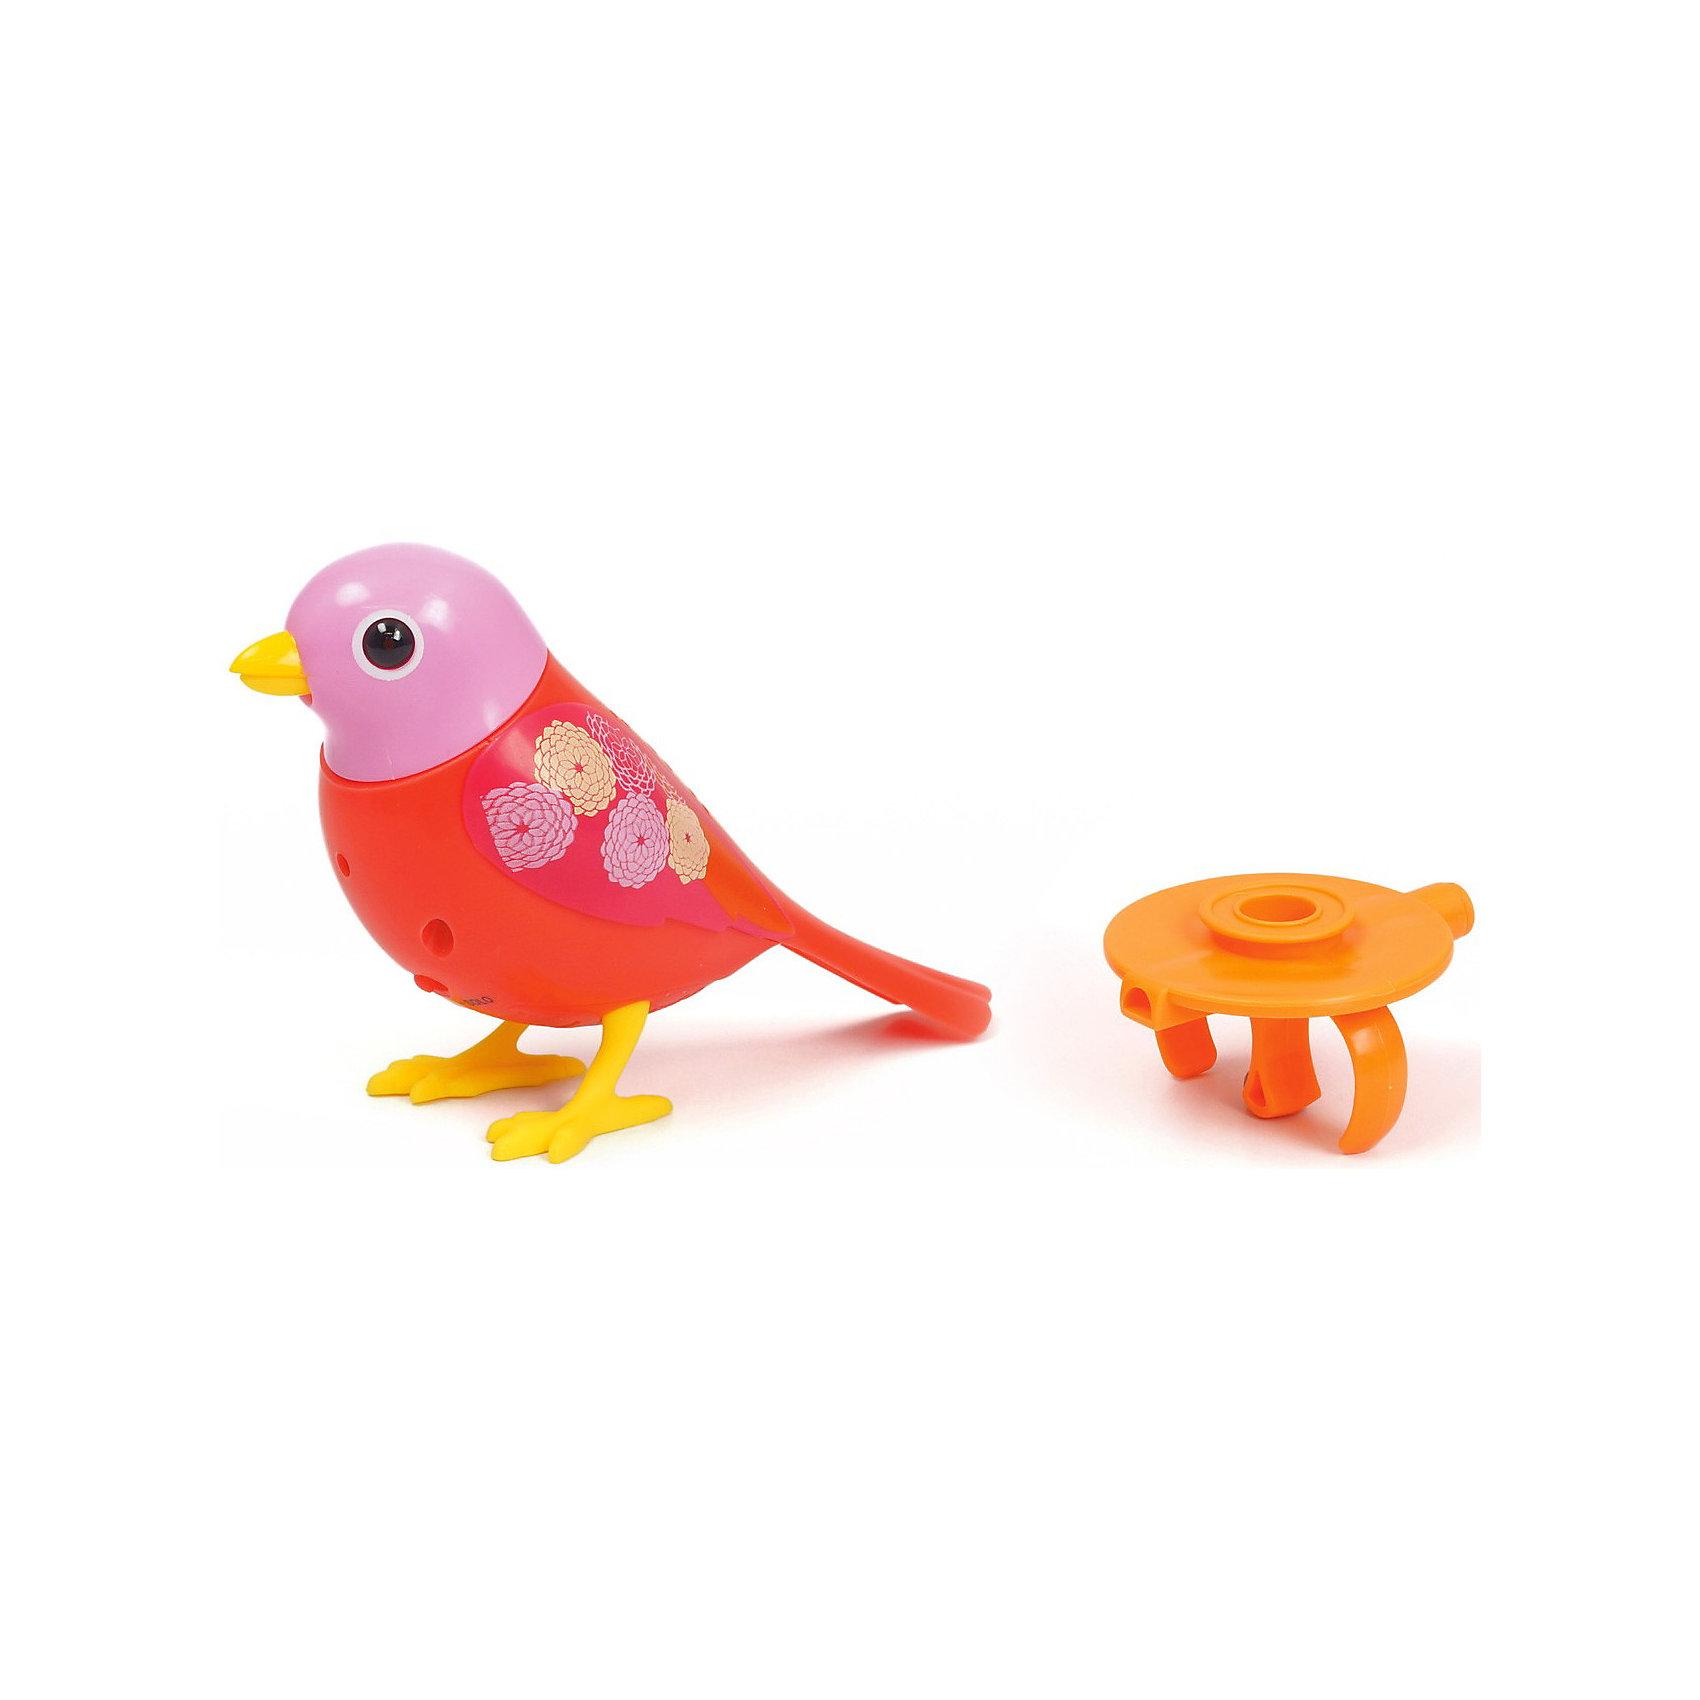 Поющая птичка с кольцом DigiBirds, в ассортименте